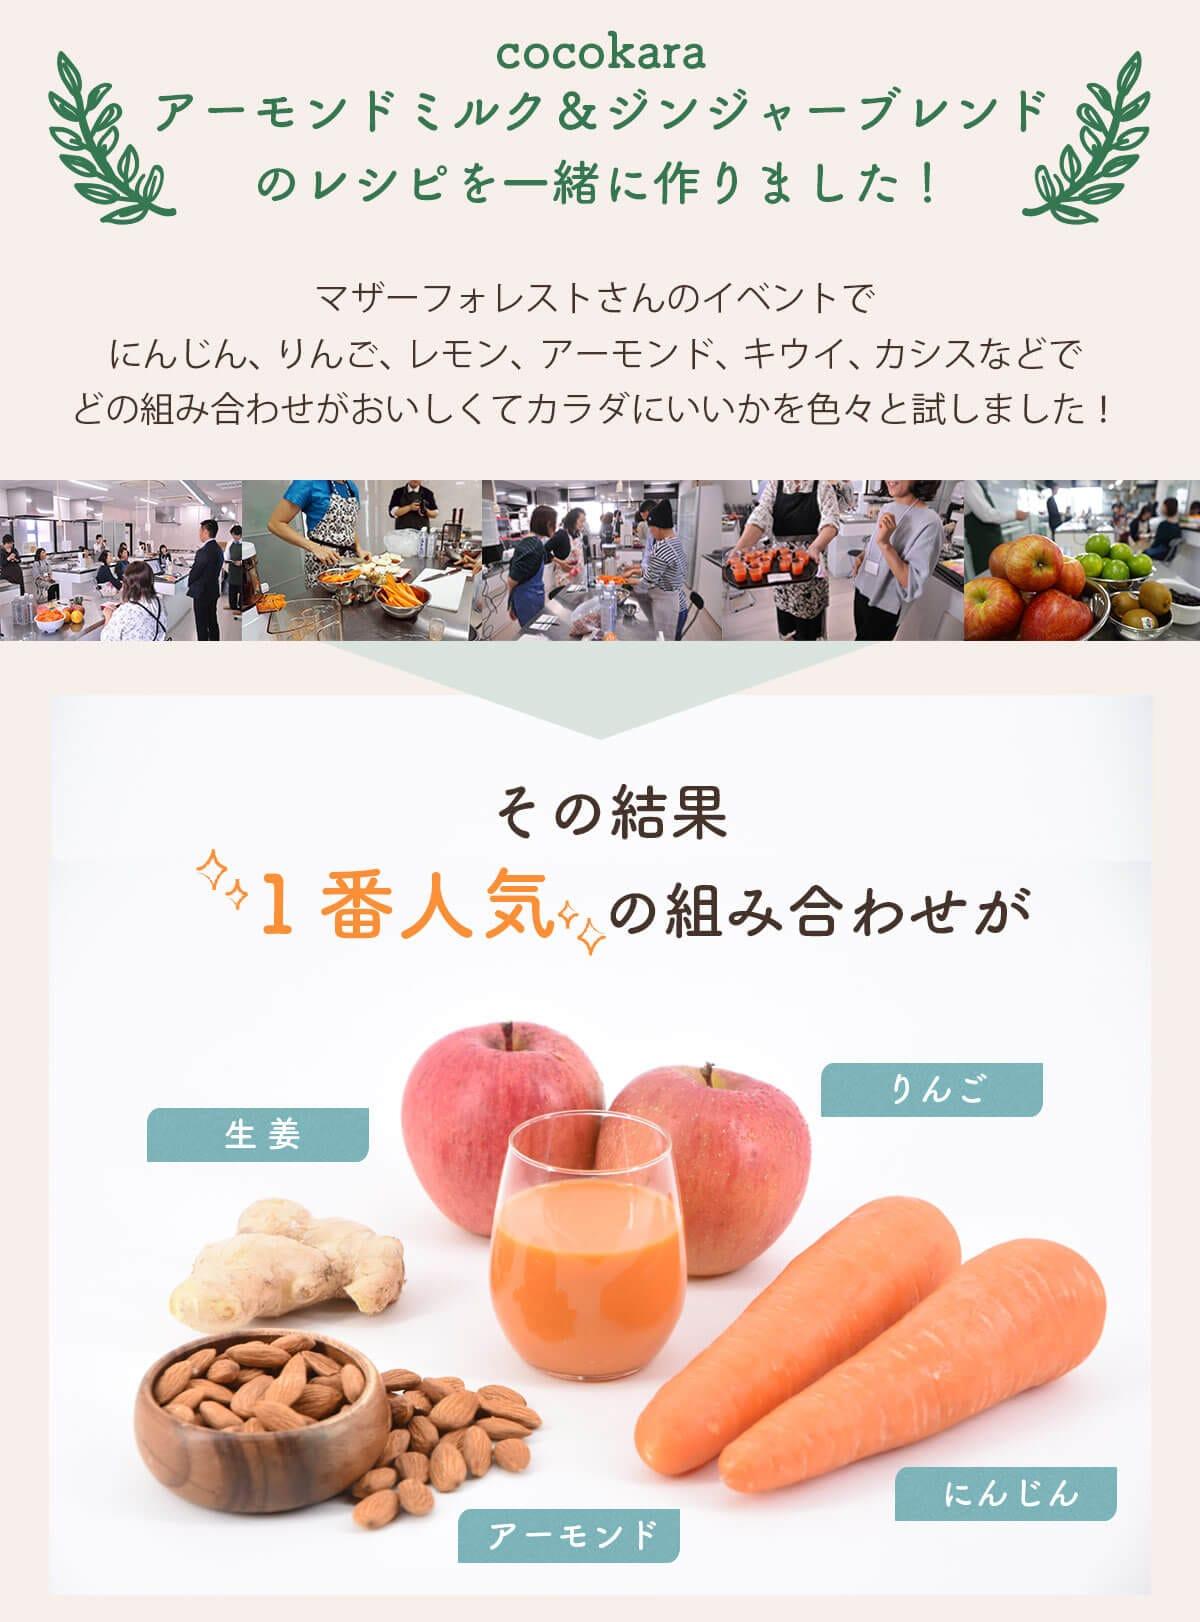 マザーフォレストさんのイベントで人参+アーモンド+生姜+りんごの組み合わせが1番人気に